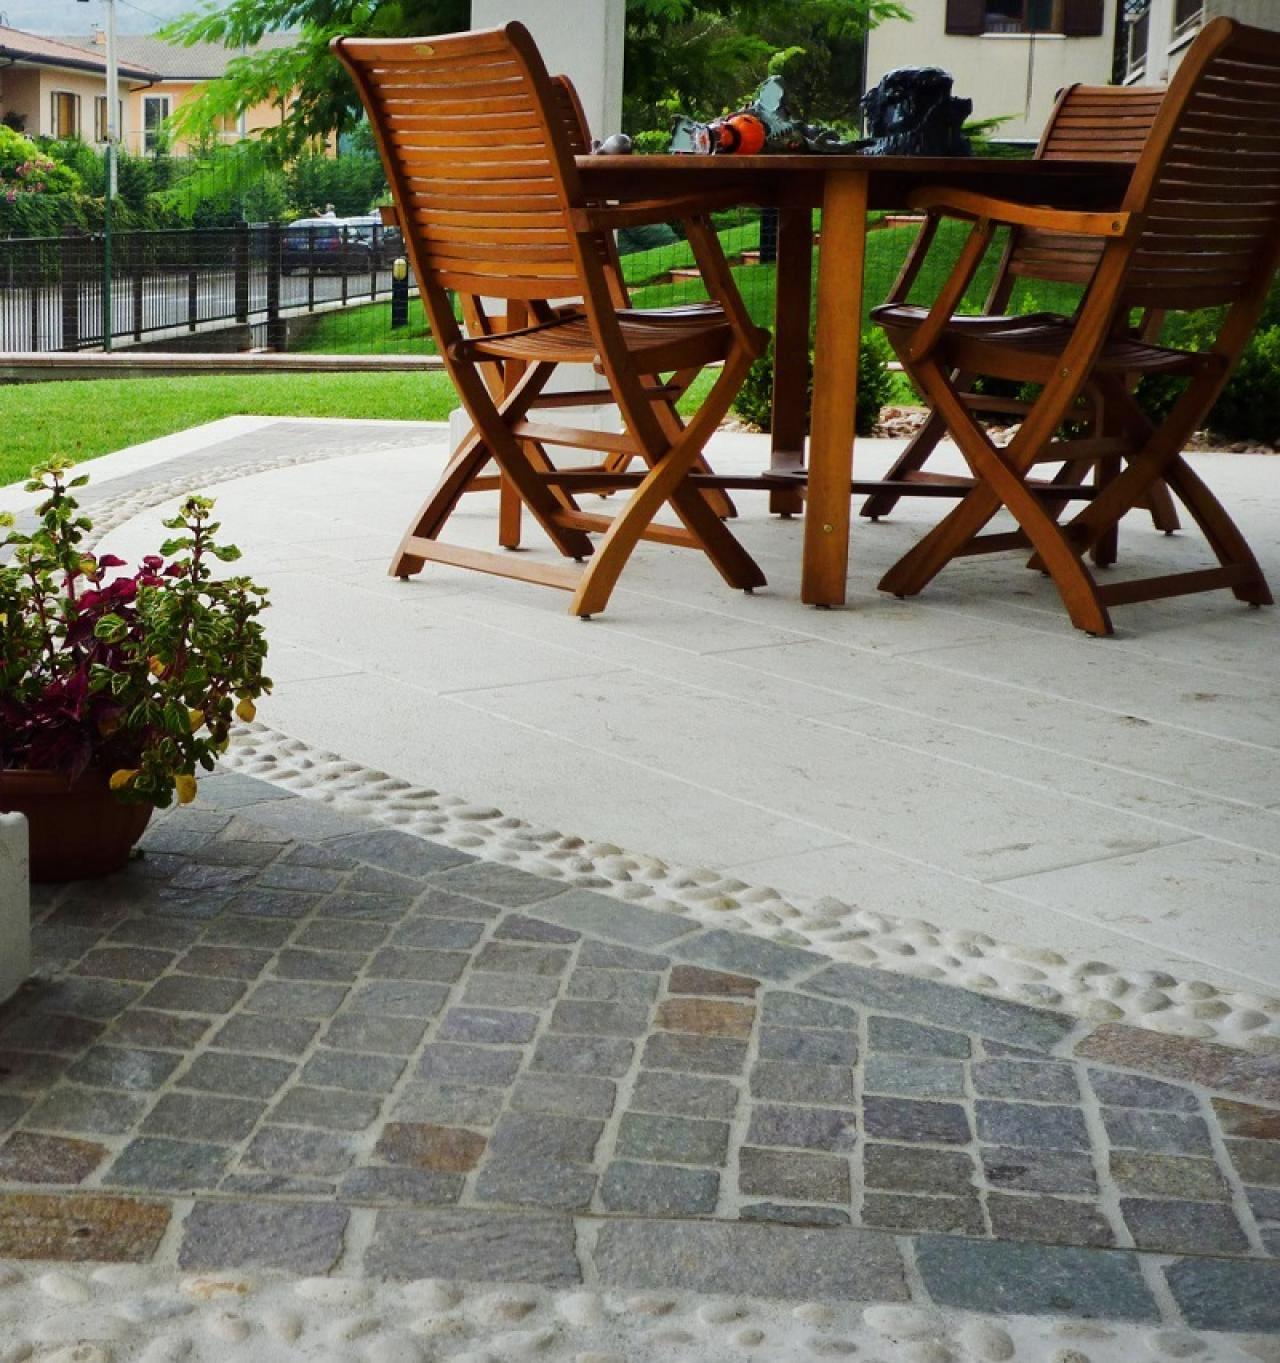 Pavimentazione Giardino In Pietra pavimento di ingresso esterno di case in pietra, porfido e